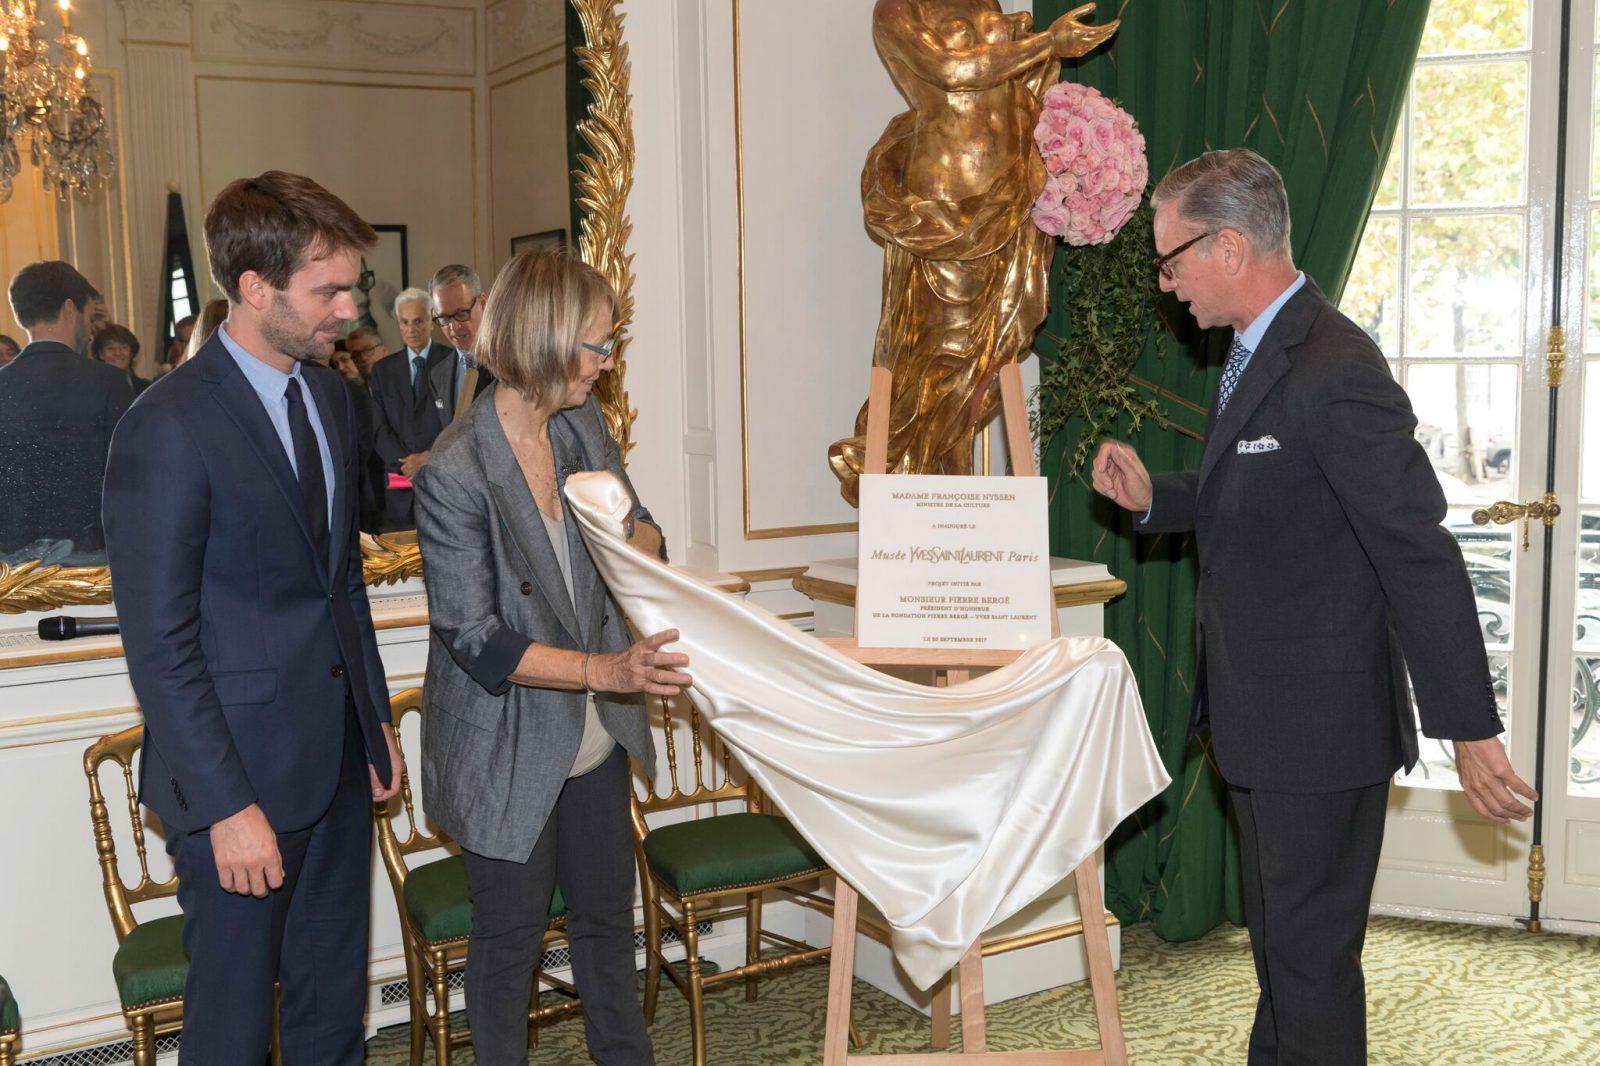 Musée Yves Saint Laurent Paris Inauguration / Luc Castel